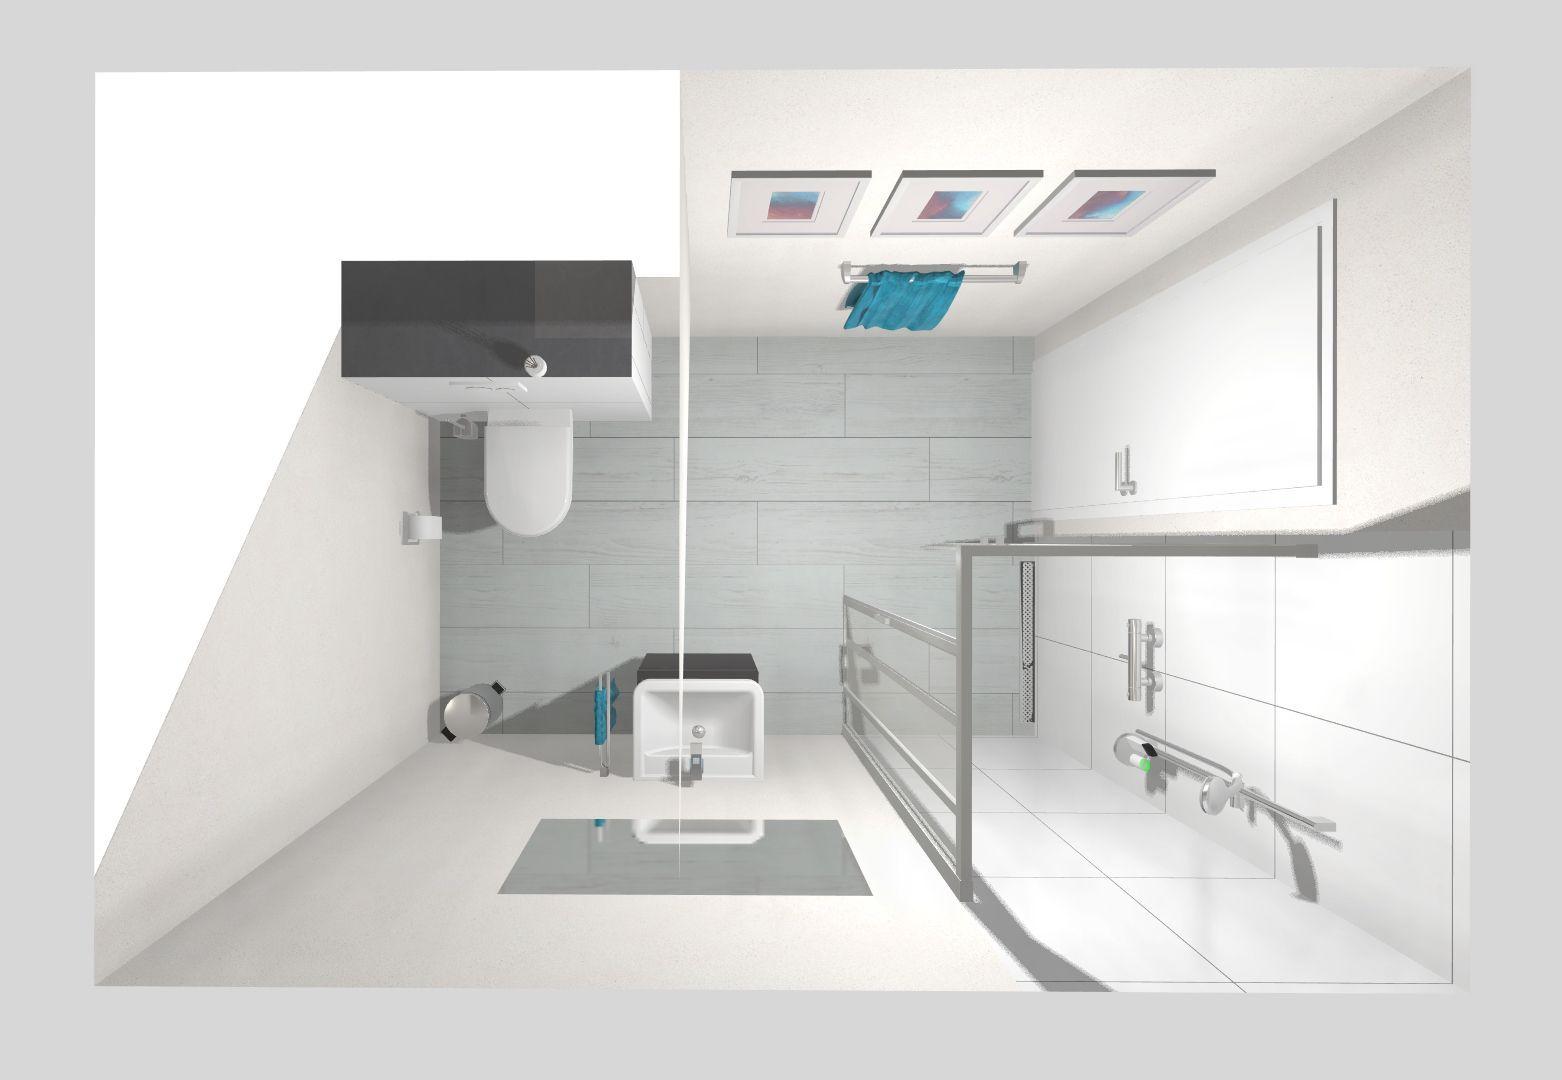 Dieses Kleine Bad Mit Schrage Bietet Dank Cleverer Aufteilung Genug Platz Fur Eine Ebenerdige Dusche Ein Waschbecken Und Ein Wand Wc Da In 2020 Bathtub Storage Decor